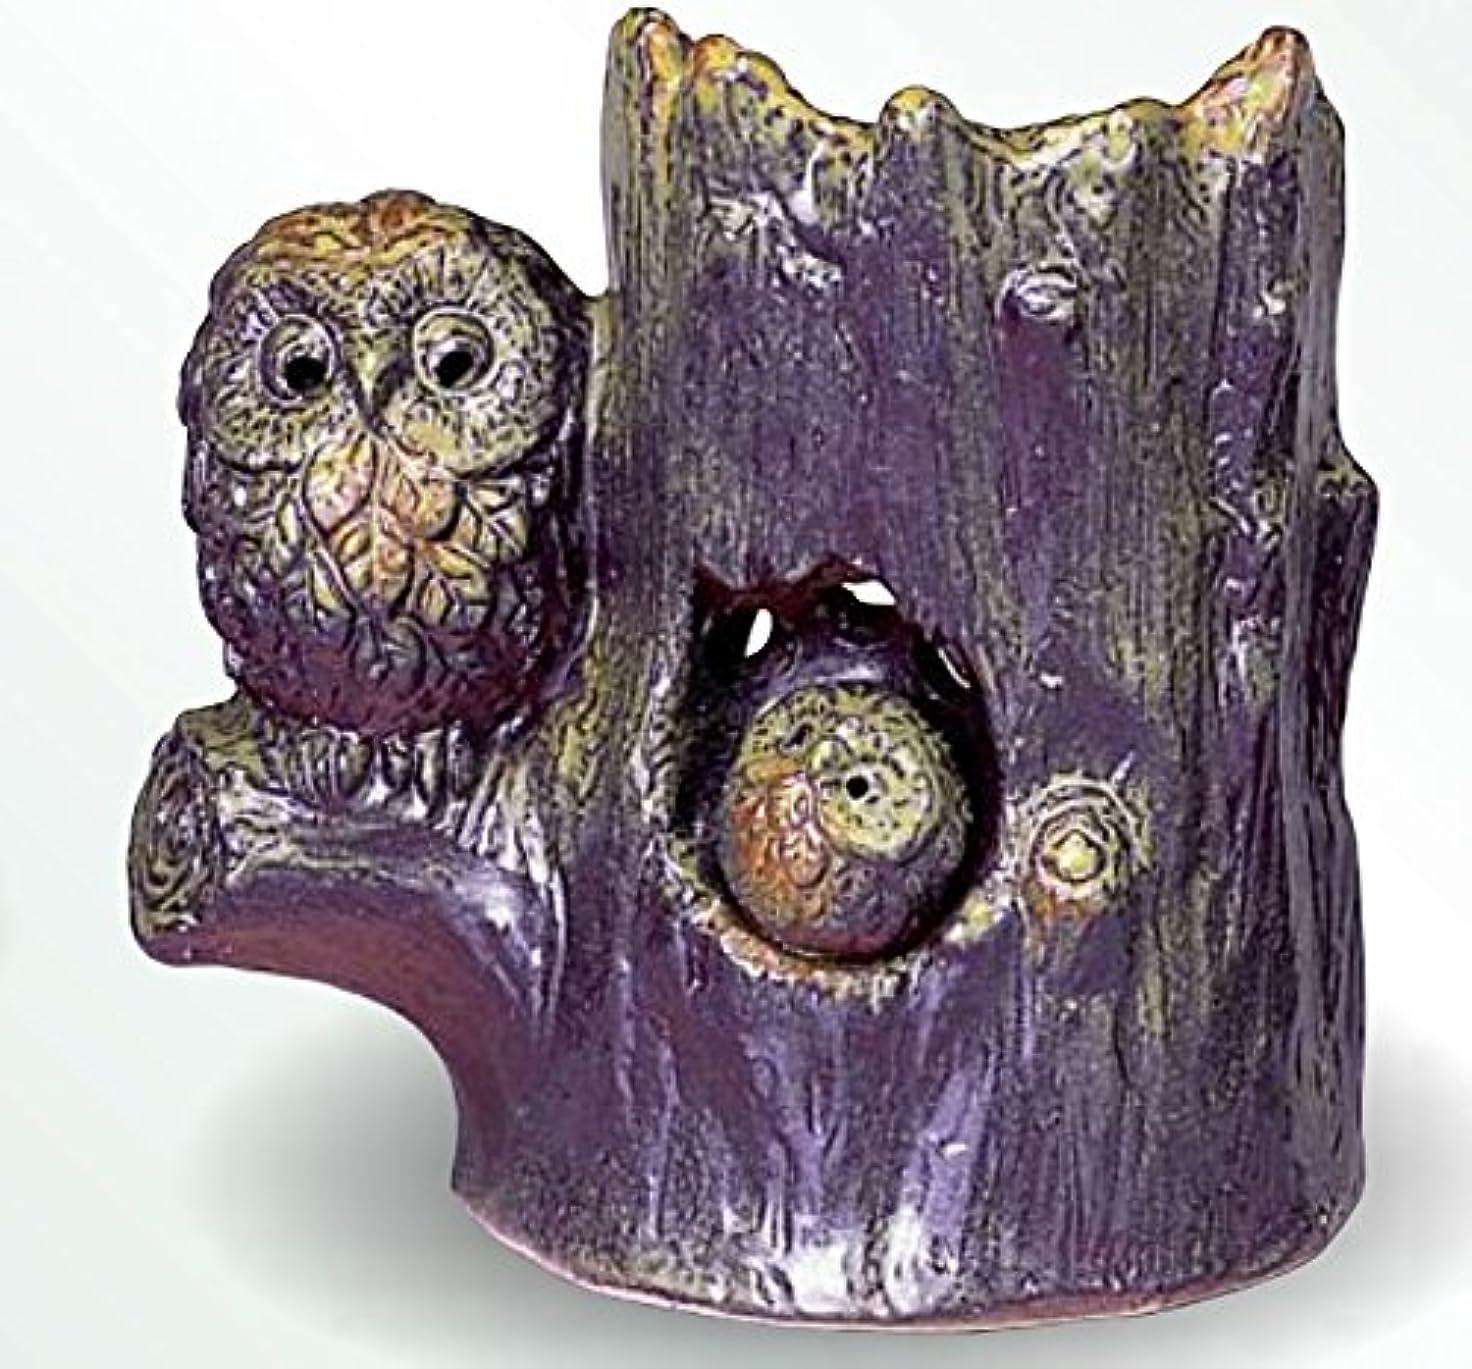 常滑焼 茶香炉(アロマポット)森フクロウ 径13.5×高さ14.5cm